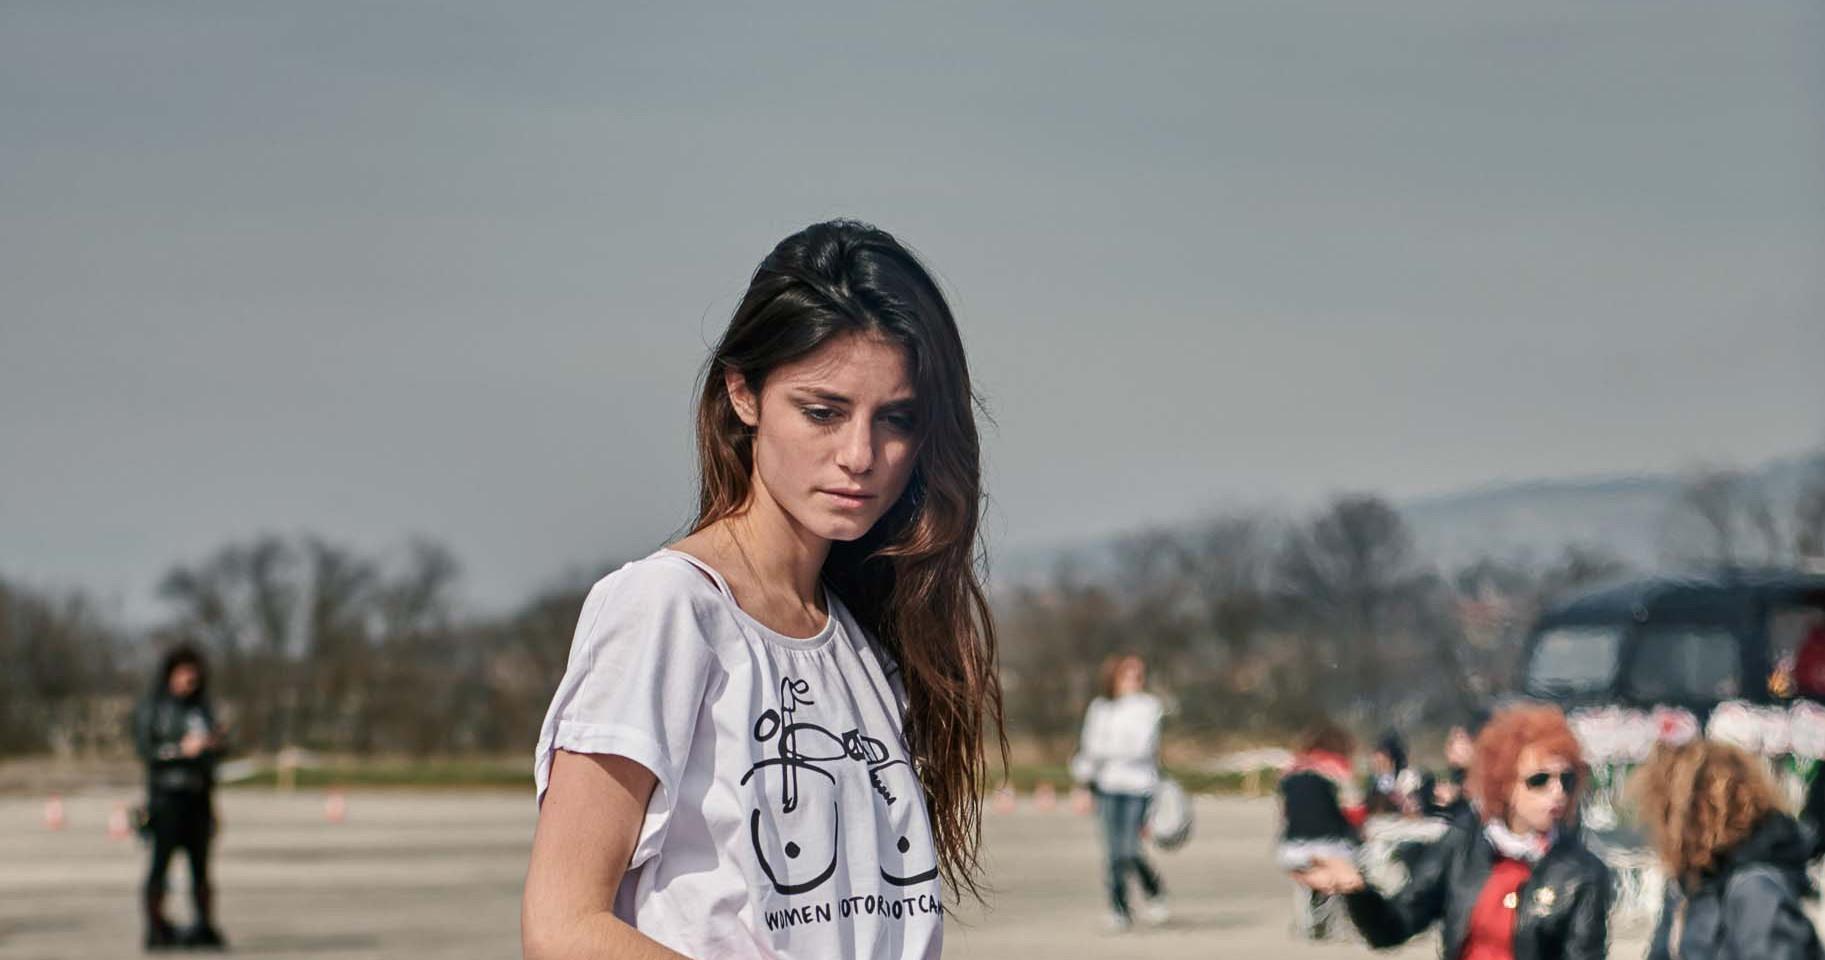 WMB Chiara Ludovica Quadrelli + -31.jpg